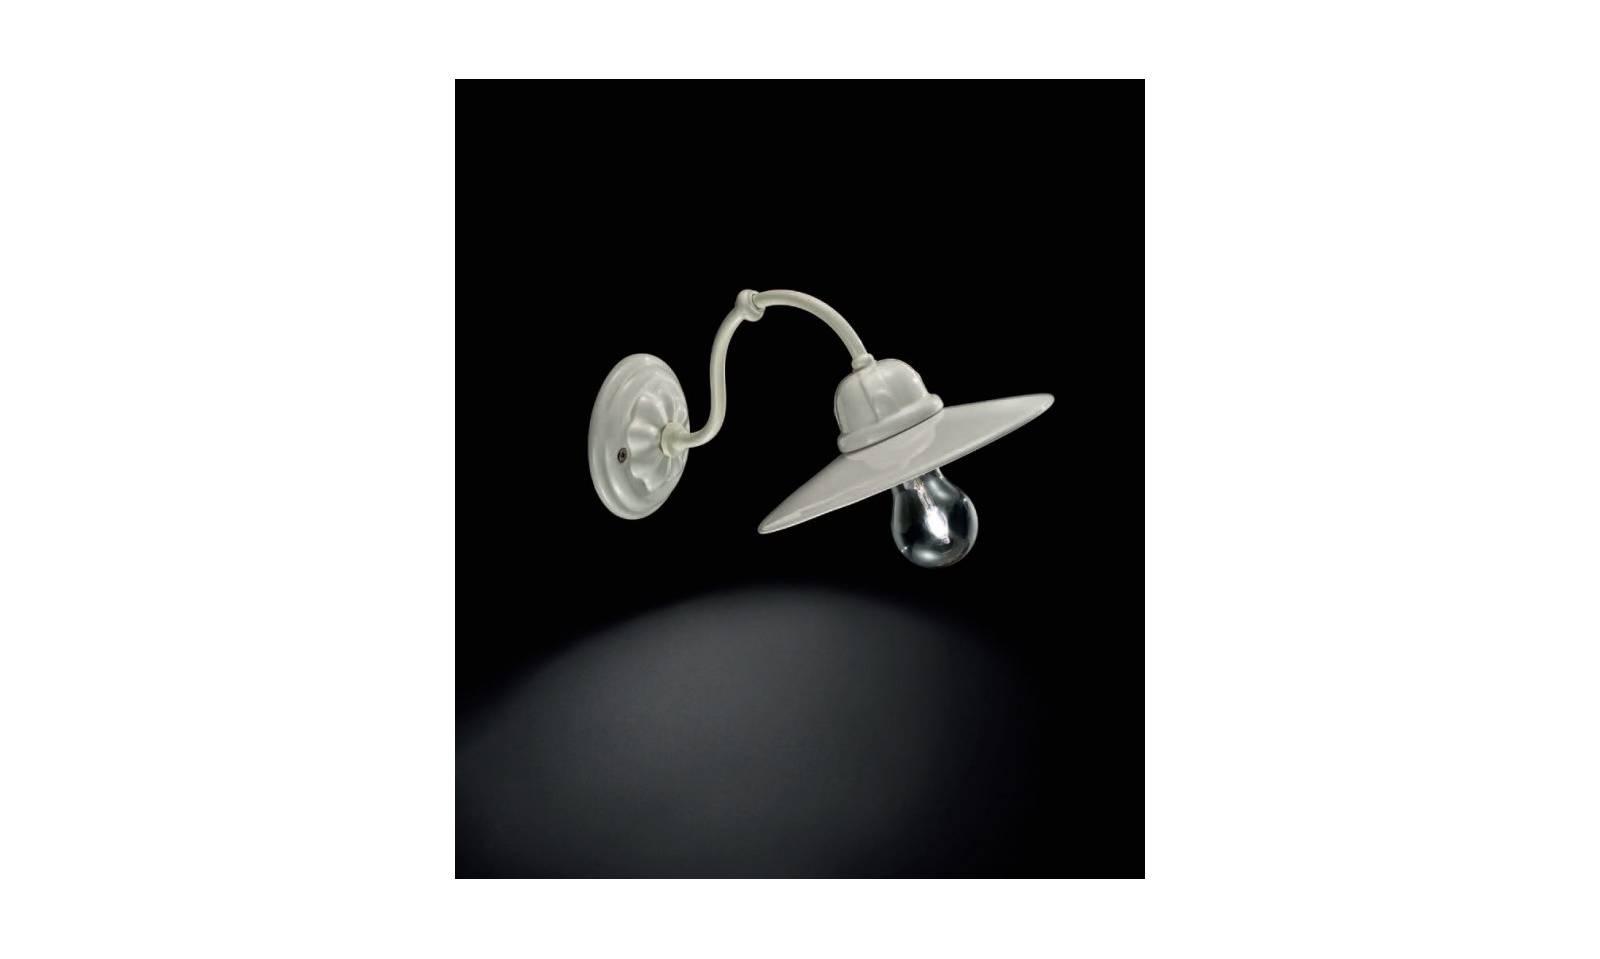 Ferroluce retro c wall lamp in metal sheet